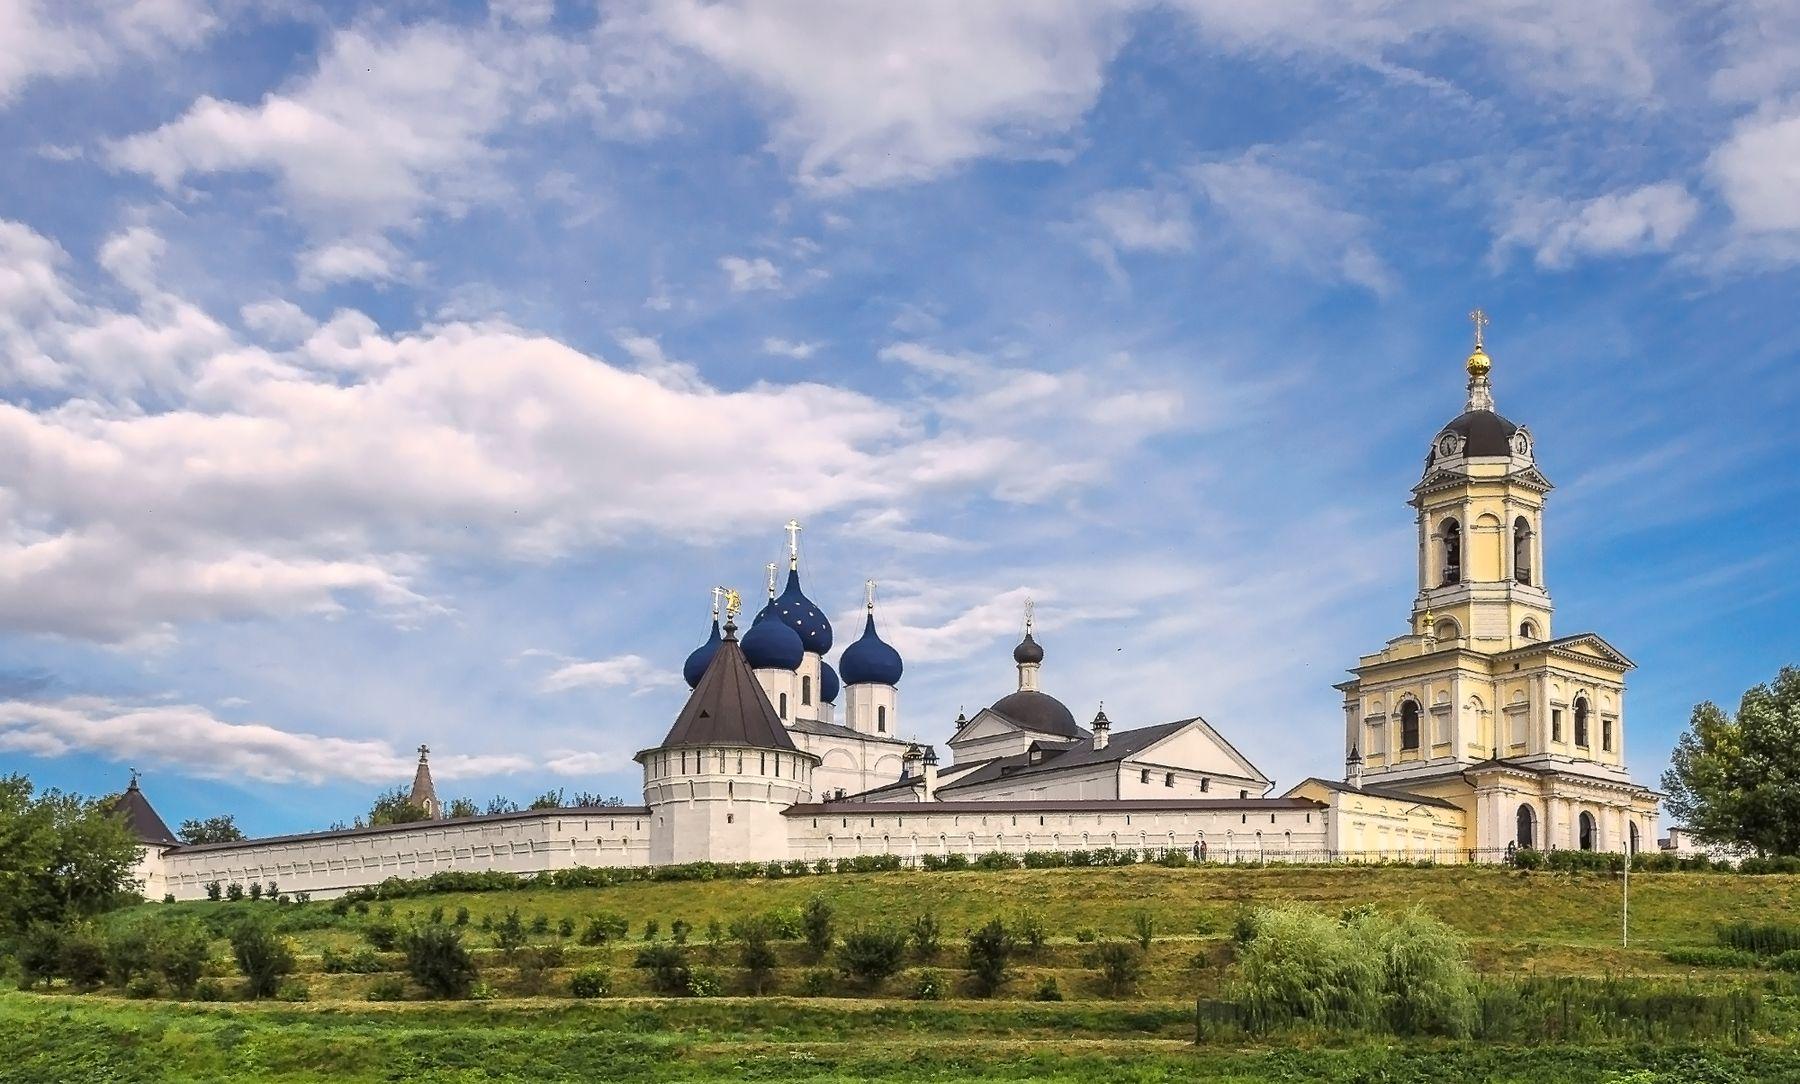 Высоцкий Зачатьеский мужской монастырь .Серпухов .